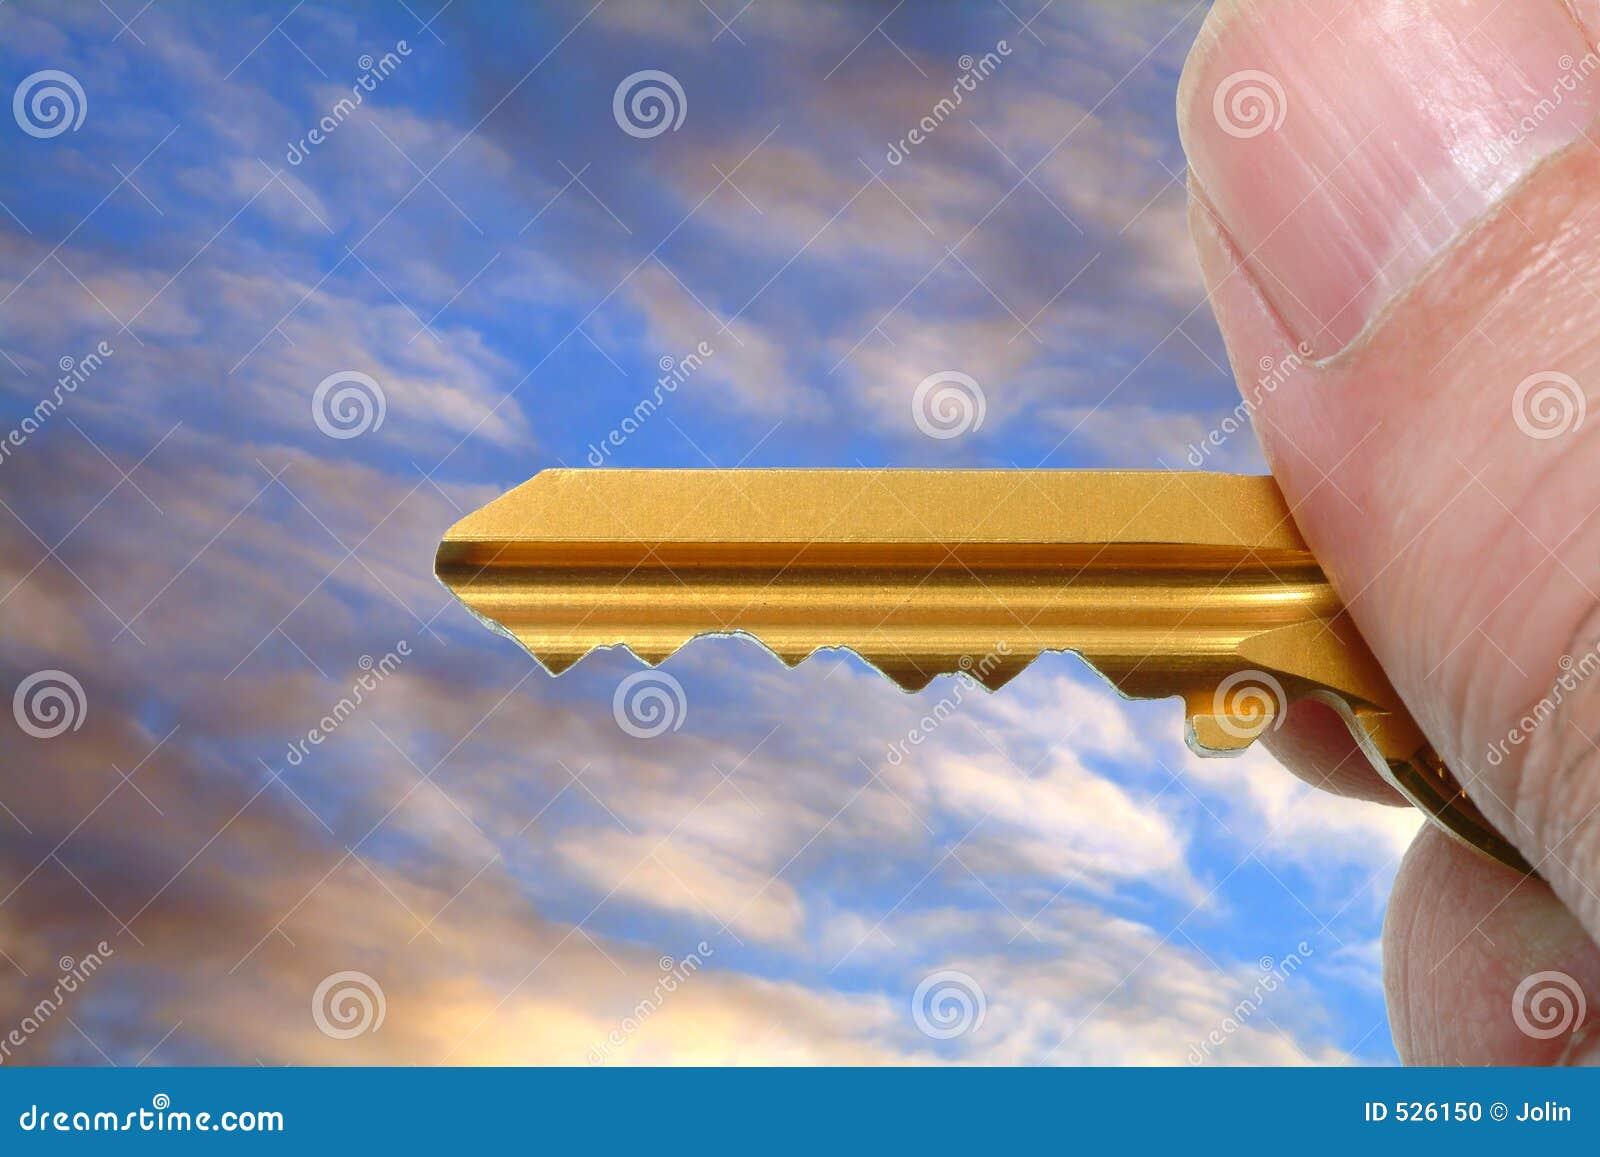 Chave dourada à disposicão